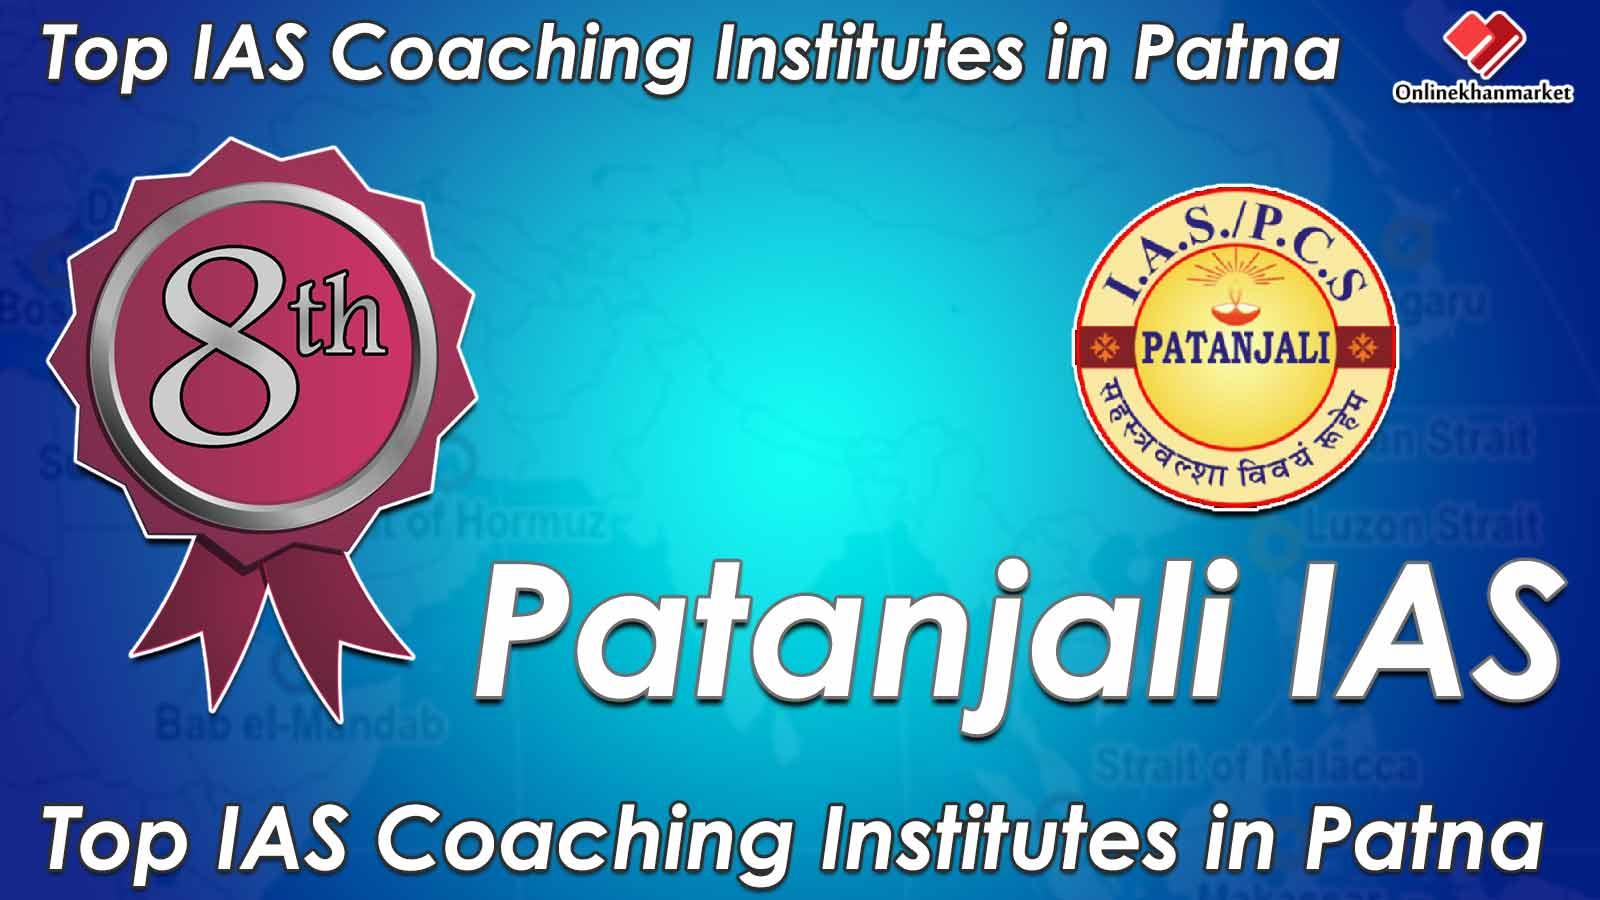 UPSC Coaching in Patna